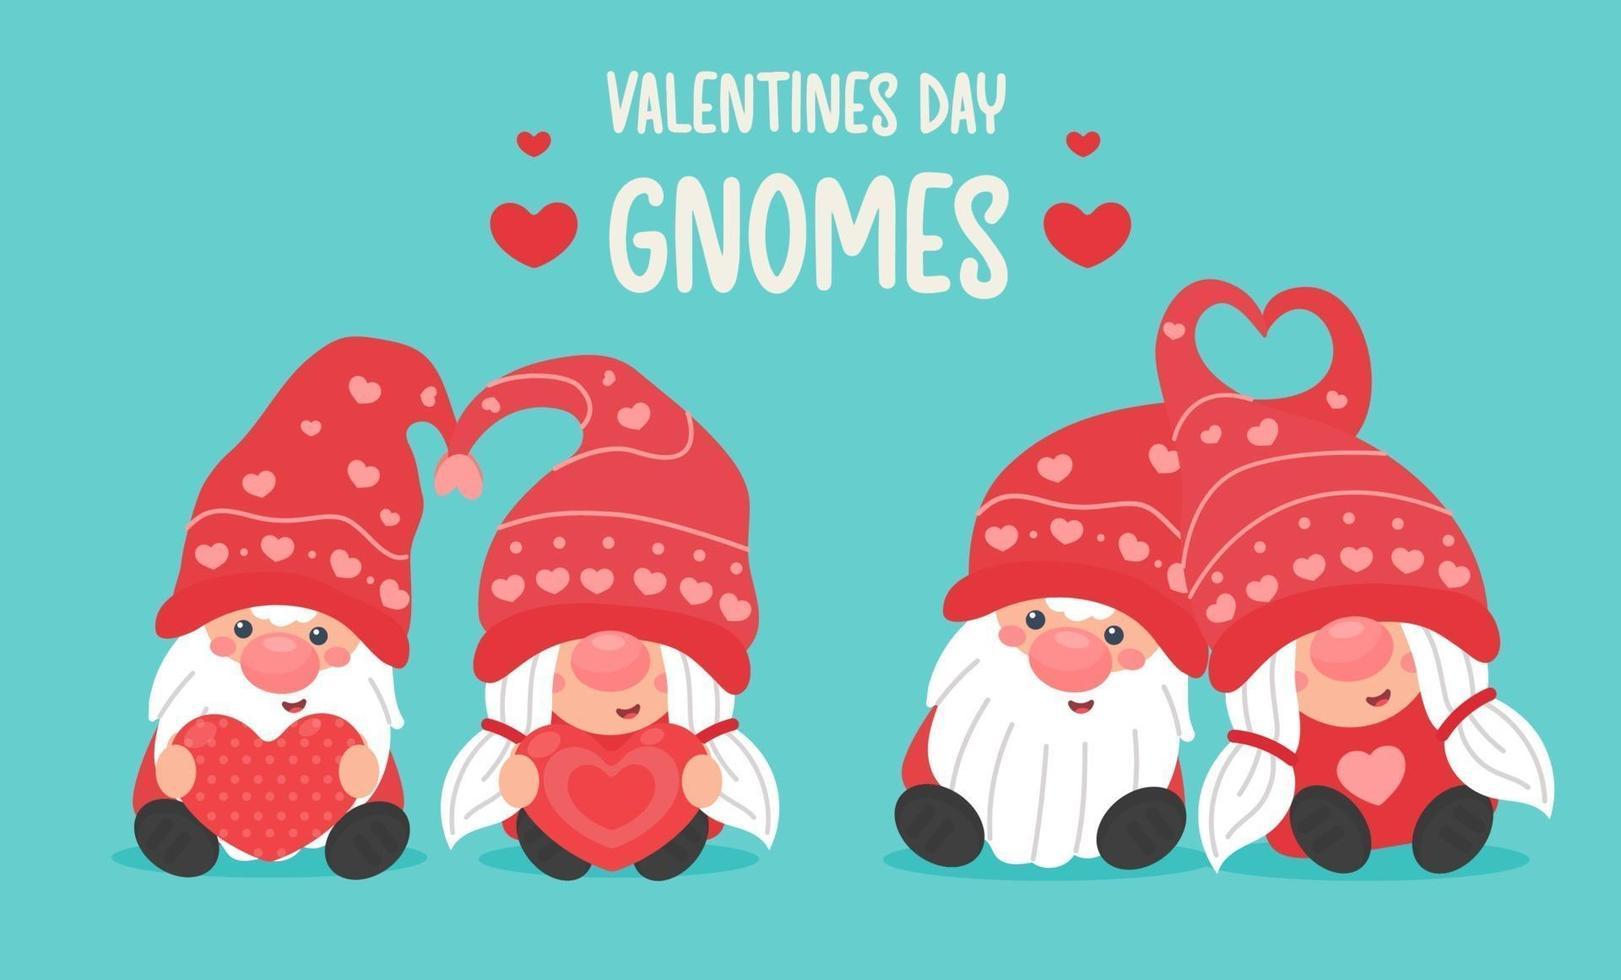 Joyeuse saint Valentin. Les couples de gnomes de dessin animé se donnent un coeur rouge le jour de la Saint-Valentin. vecteur